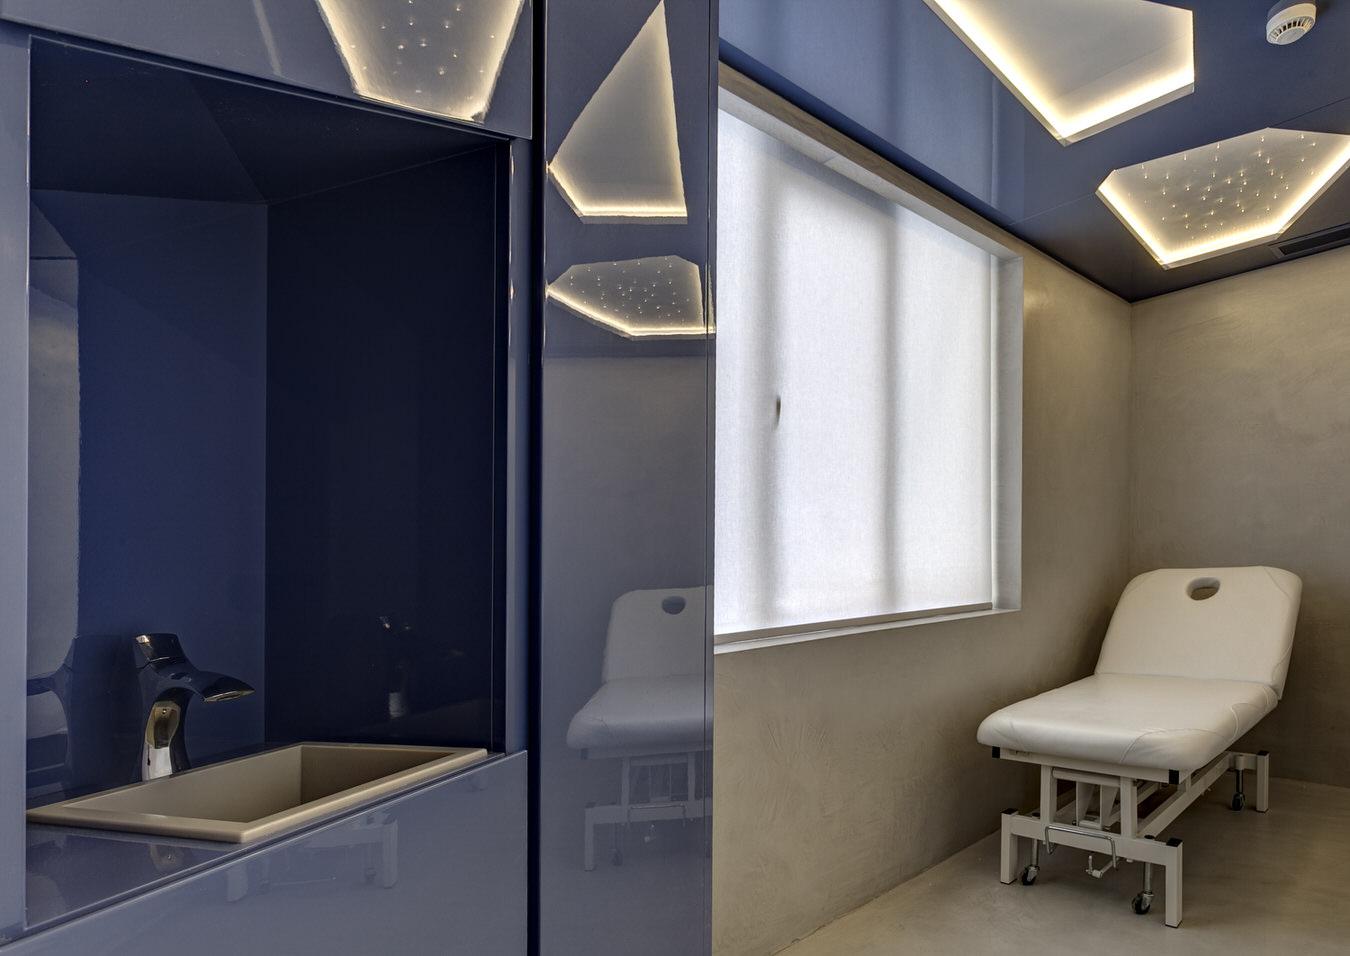 Voronoi Clinic George Fakaros Architectural